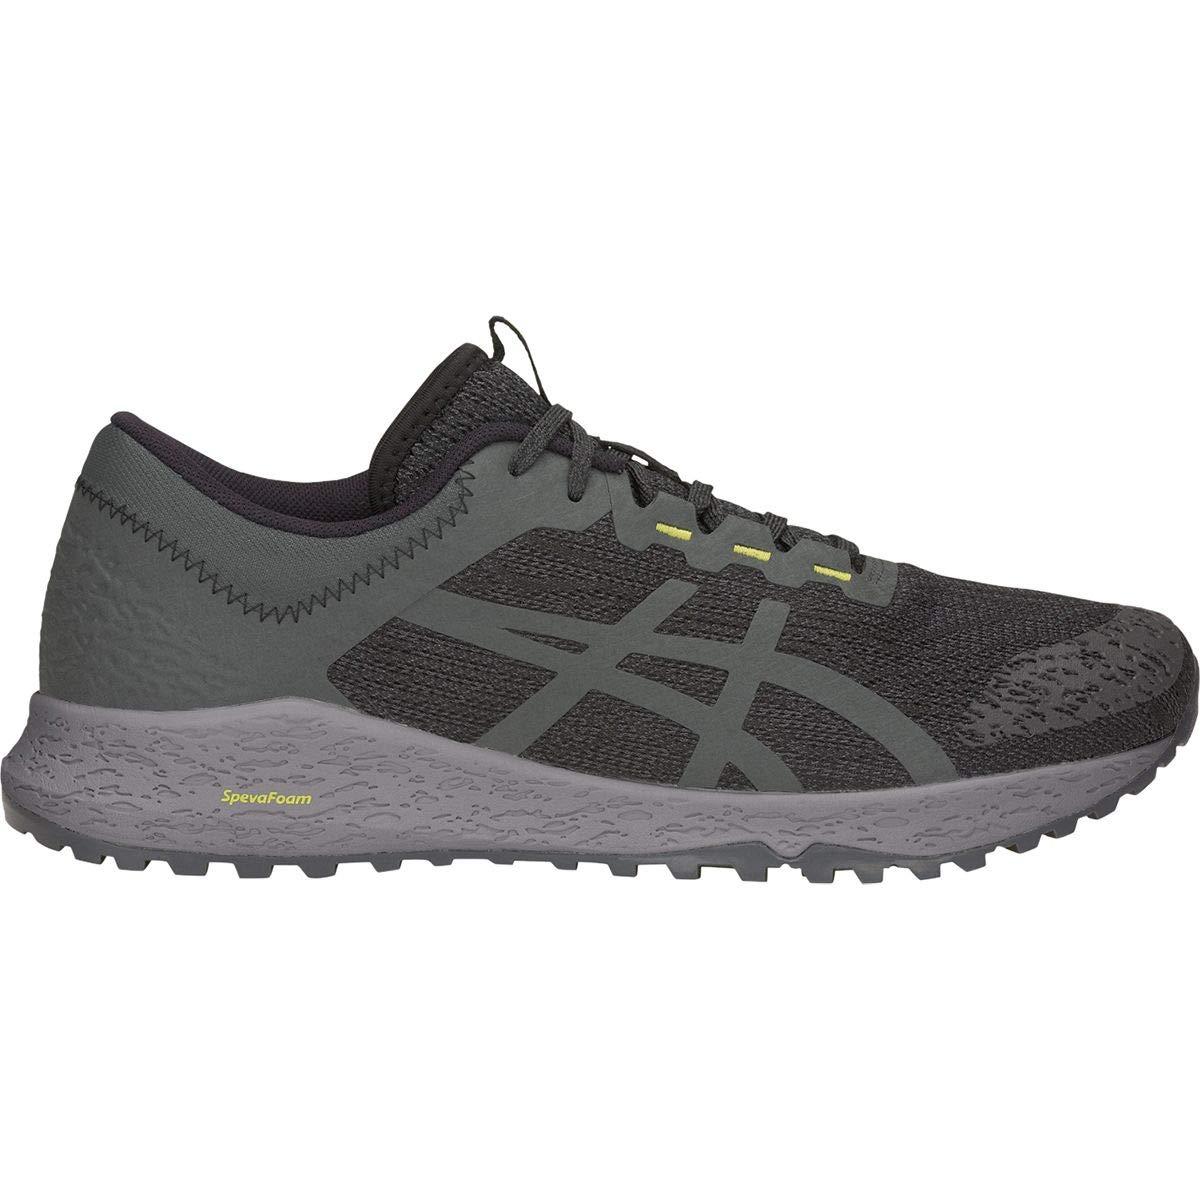 完成品 [アシックス] メンズ ランニング ランニング 9 Alpine XT Trail B07P3ZXMFX Running Shoe [並行輸入品] B07P3ZXMFX 9, ミサキチョウ:98145209 --- womaniyya.com